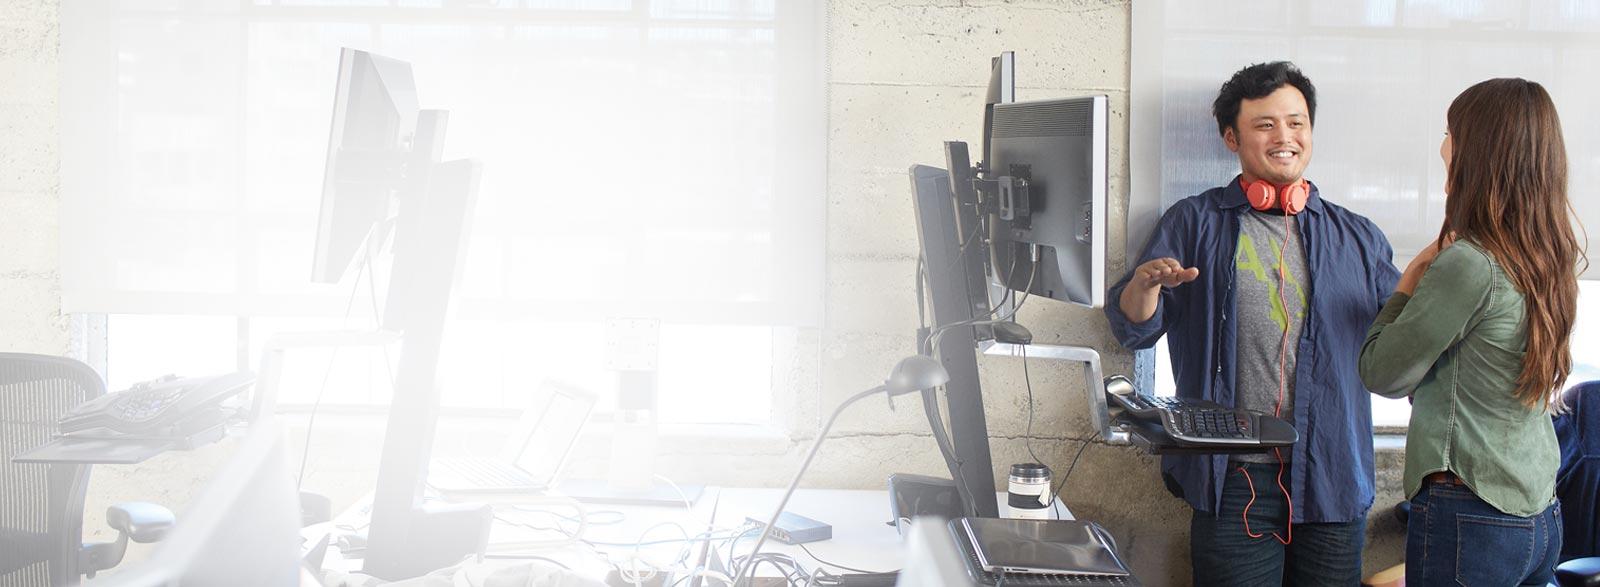 Muškarac i žena u stojećem položaju u uredu koriste Office 365 Business Premium.